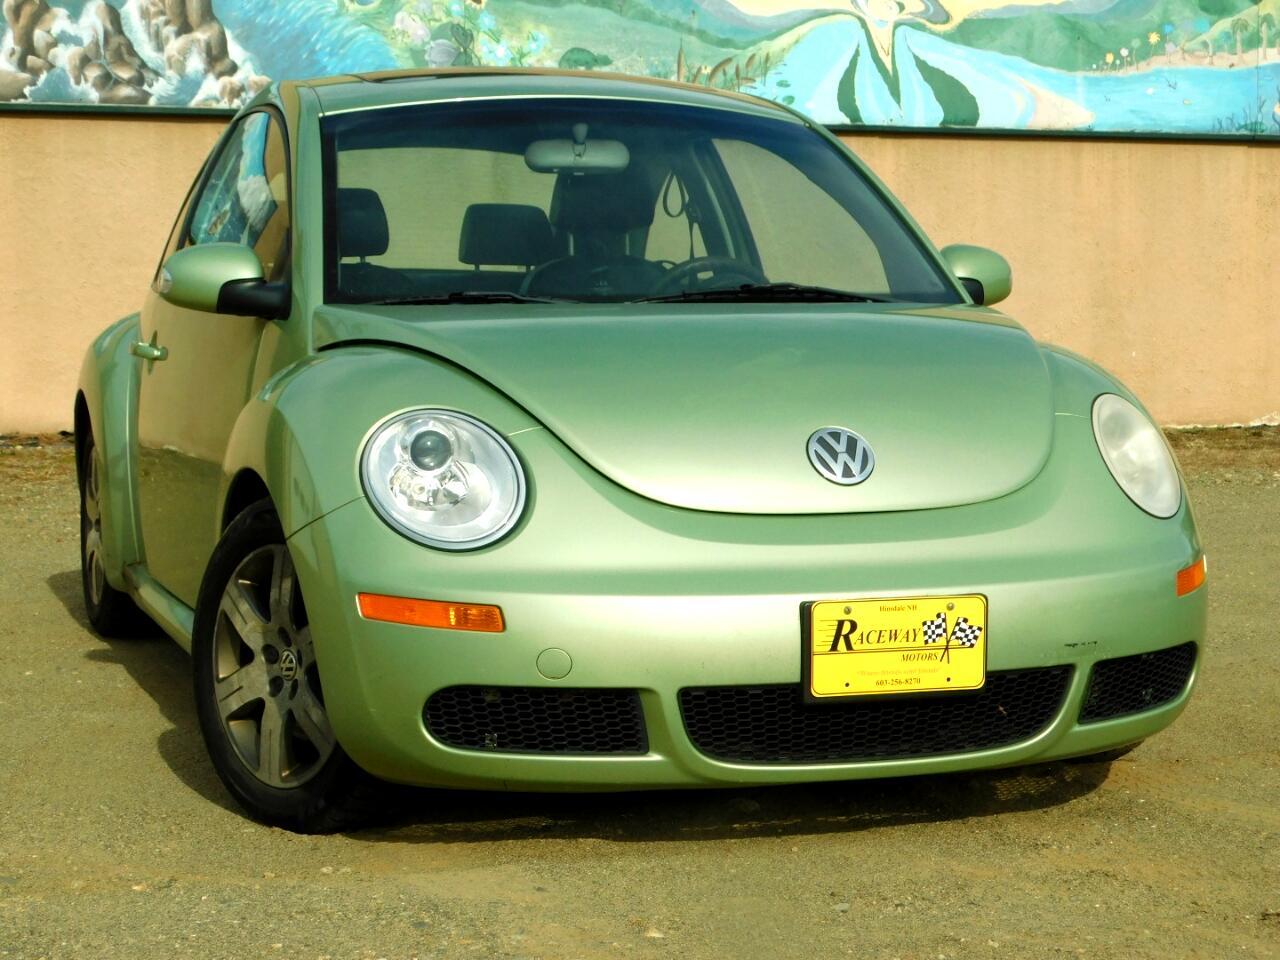 Volkswagen New Beetle Coupe 2dr 2.5L PZEV Auto 2006